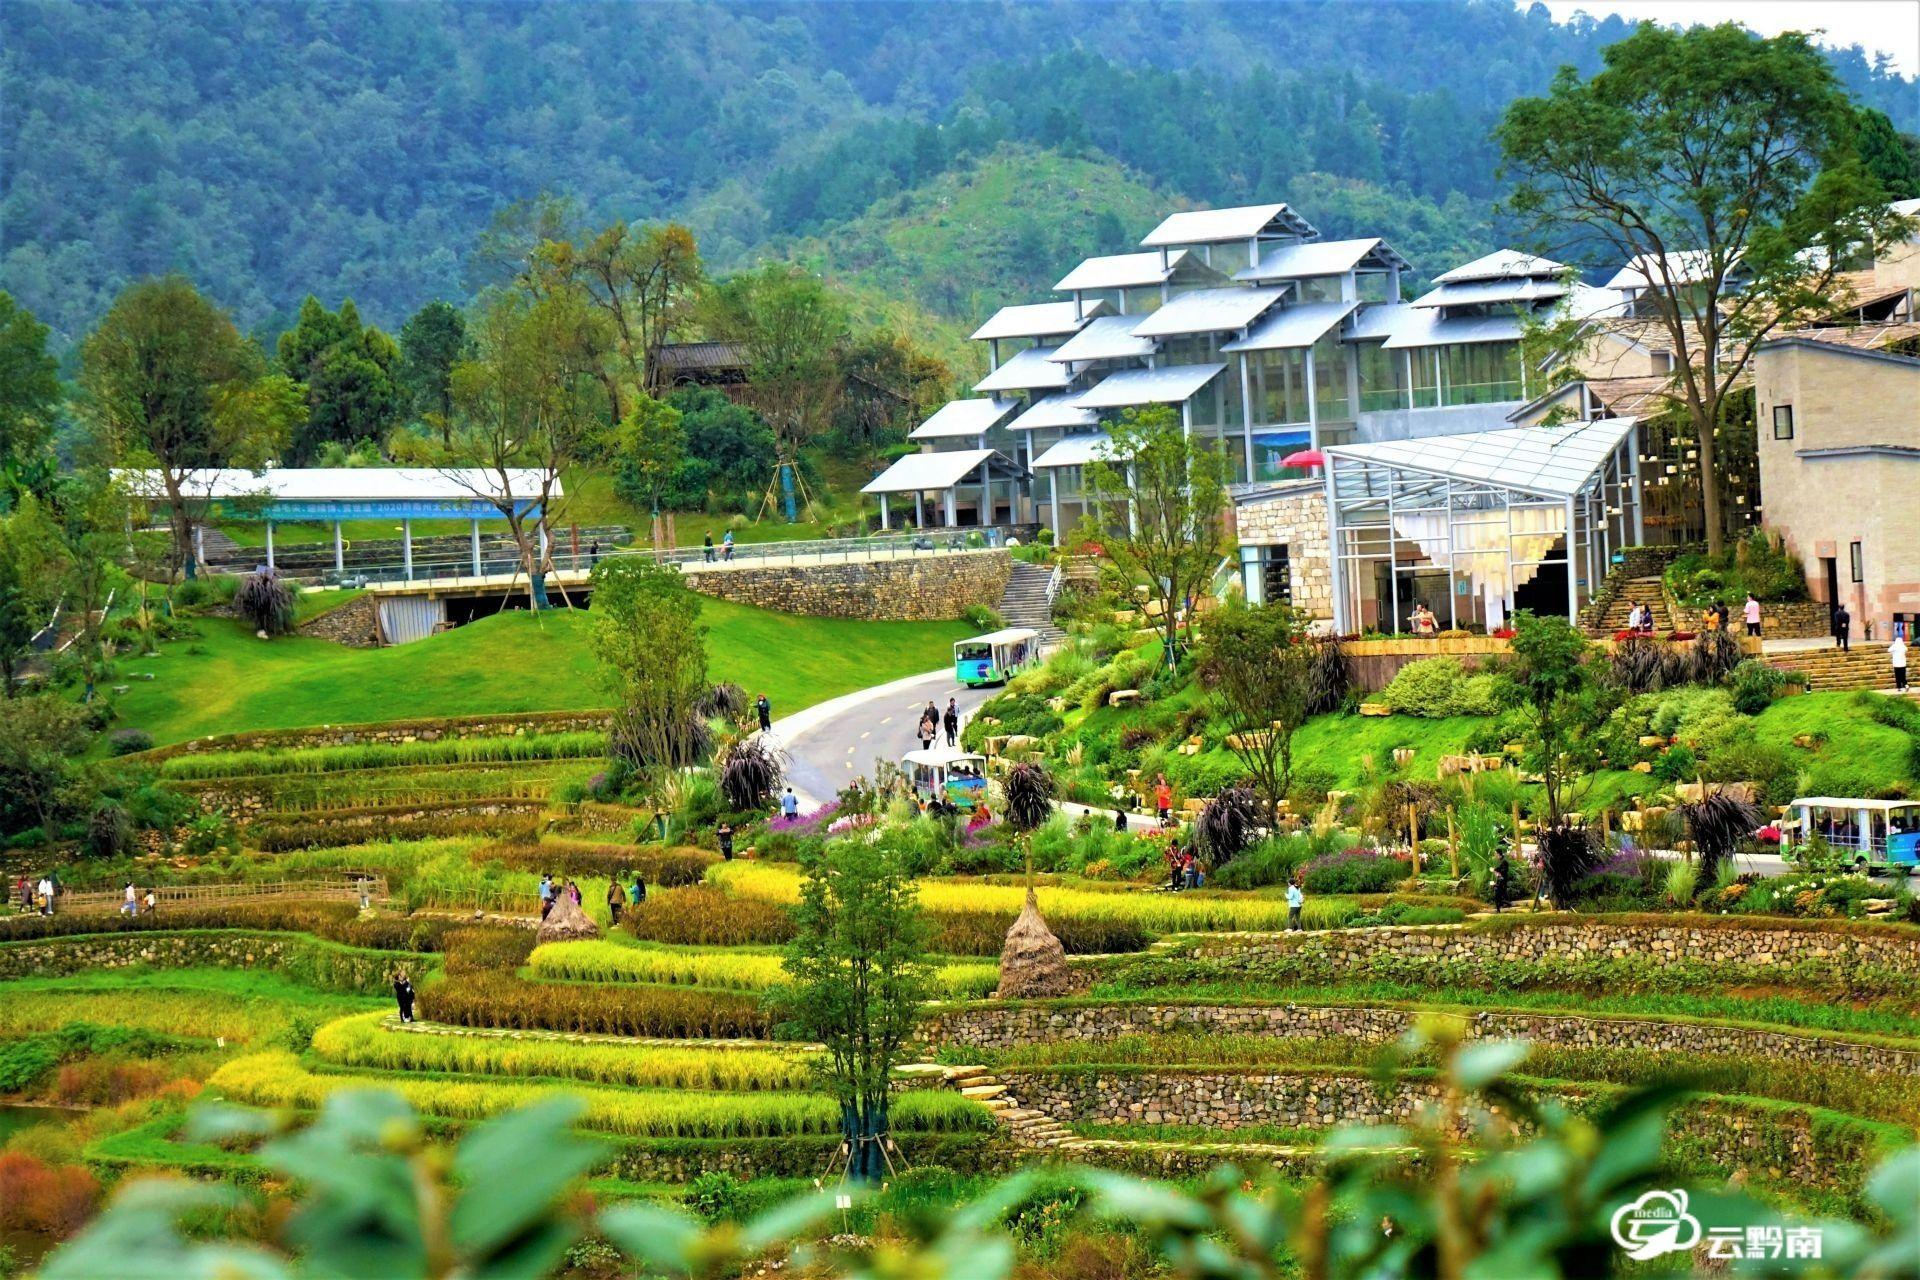 国庆假日的绿博园:秋色平分画卷天成